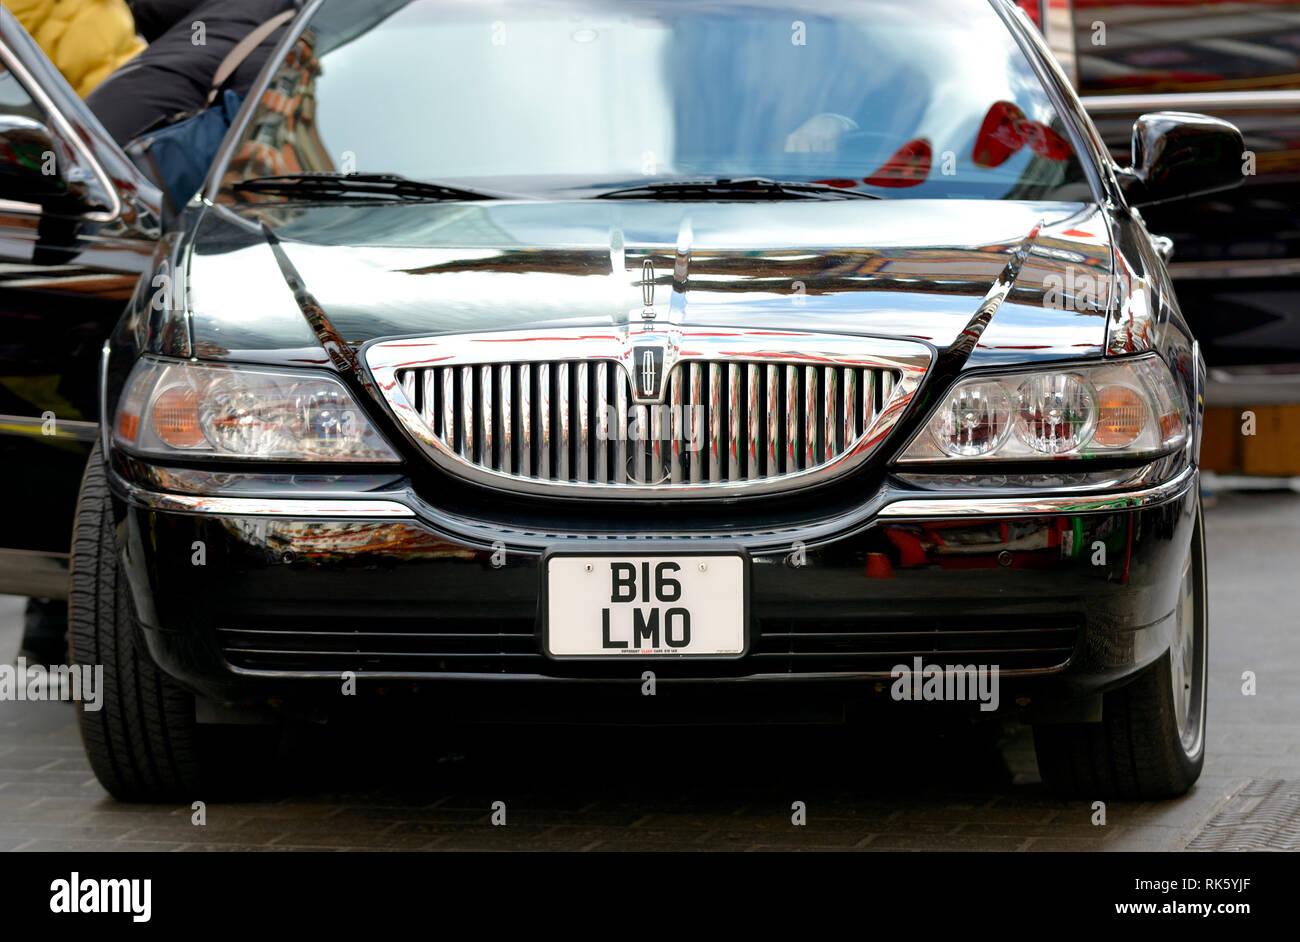 Londra, Inghilterra, Regno Unito. Lincoln Limousine Stretch con numero di targa BI6 LMO (Big Limo, quasi) Foto Stock